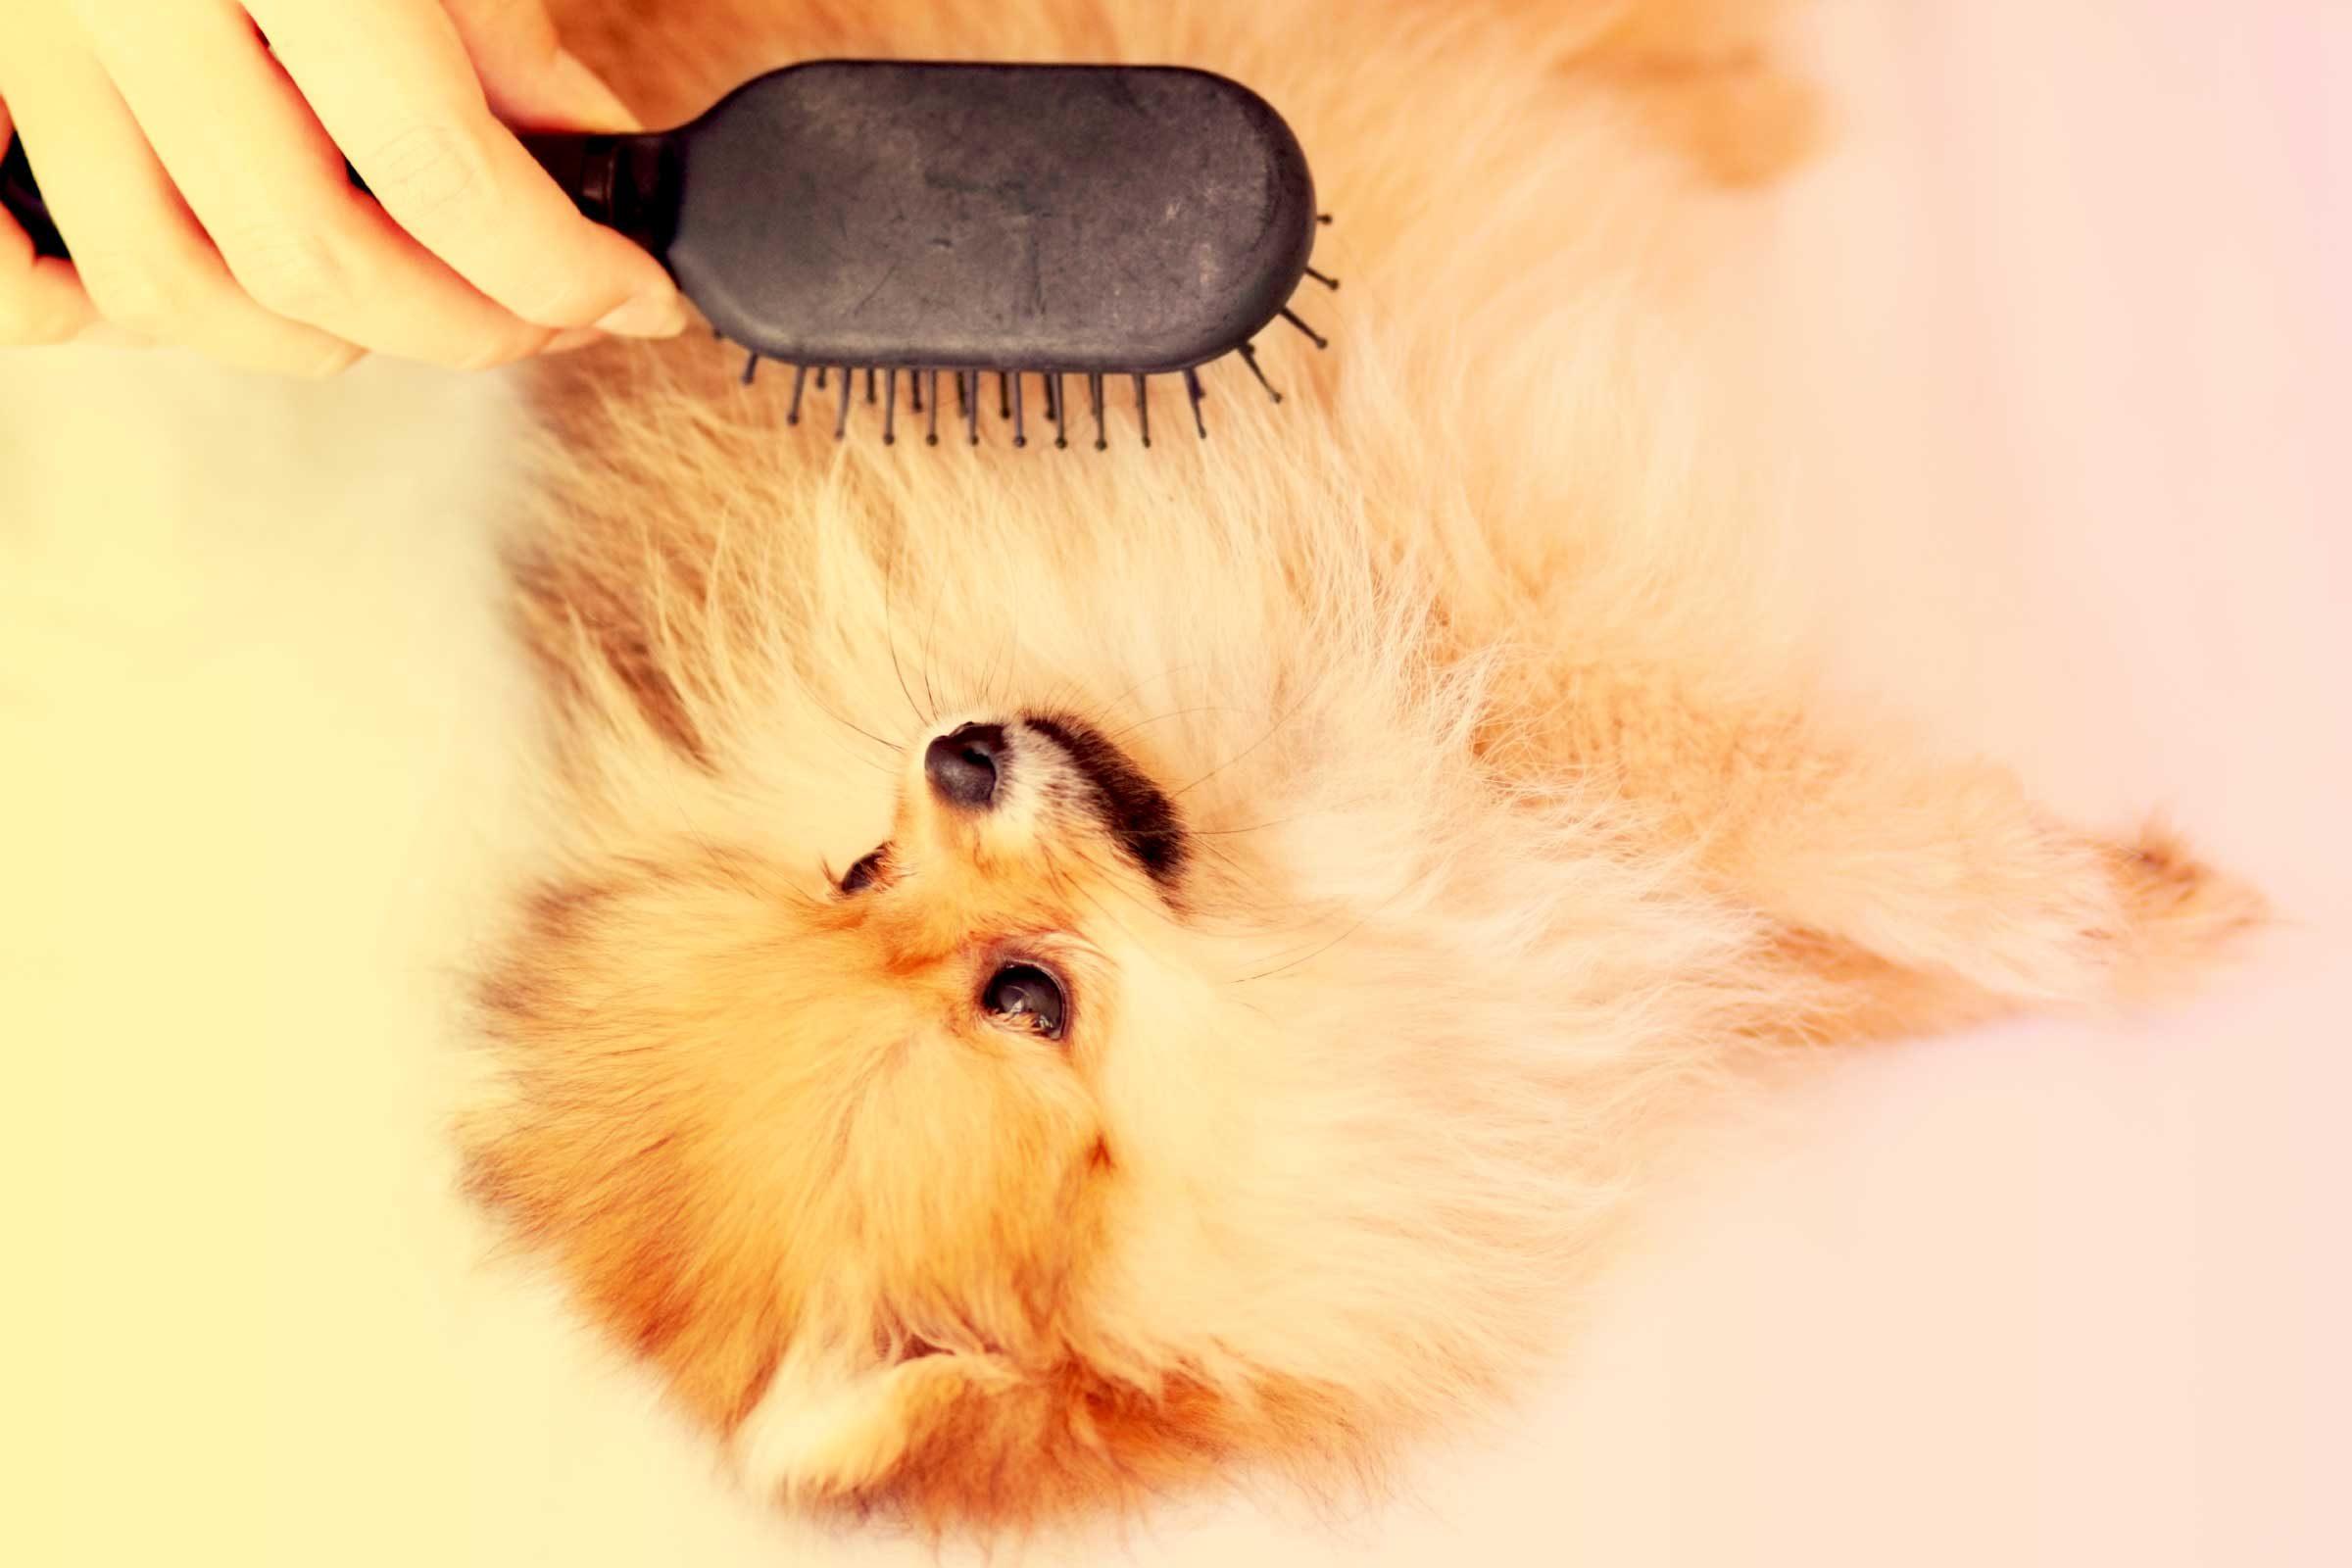 Brosser régulièrement les animaux pour ramasser les poils.